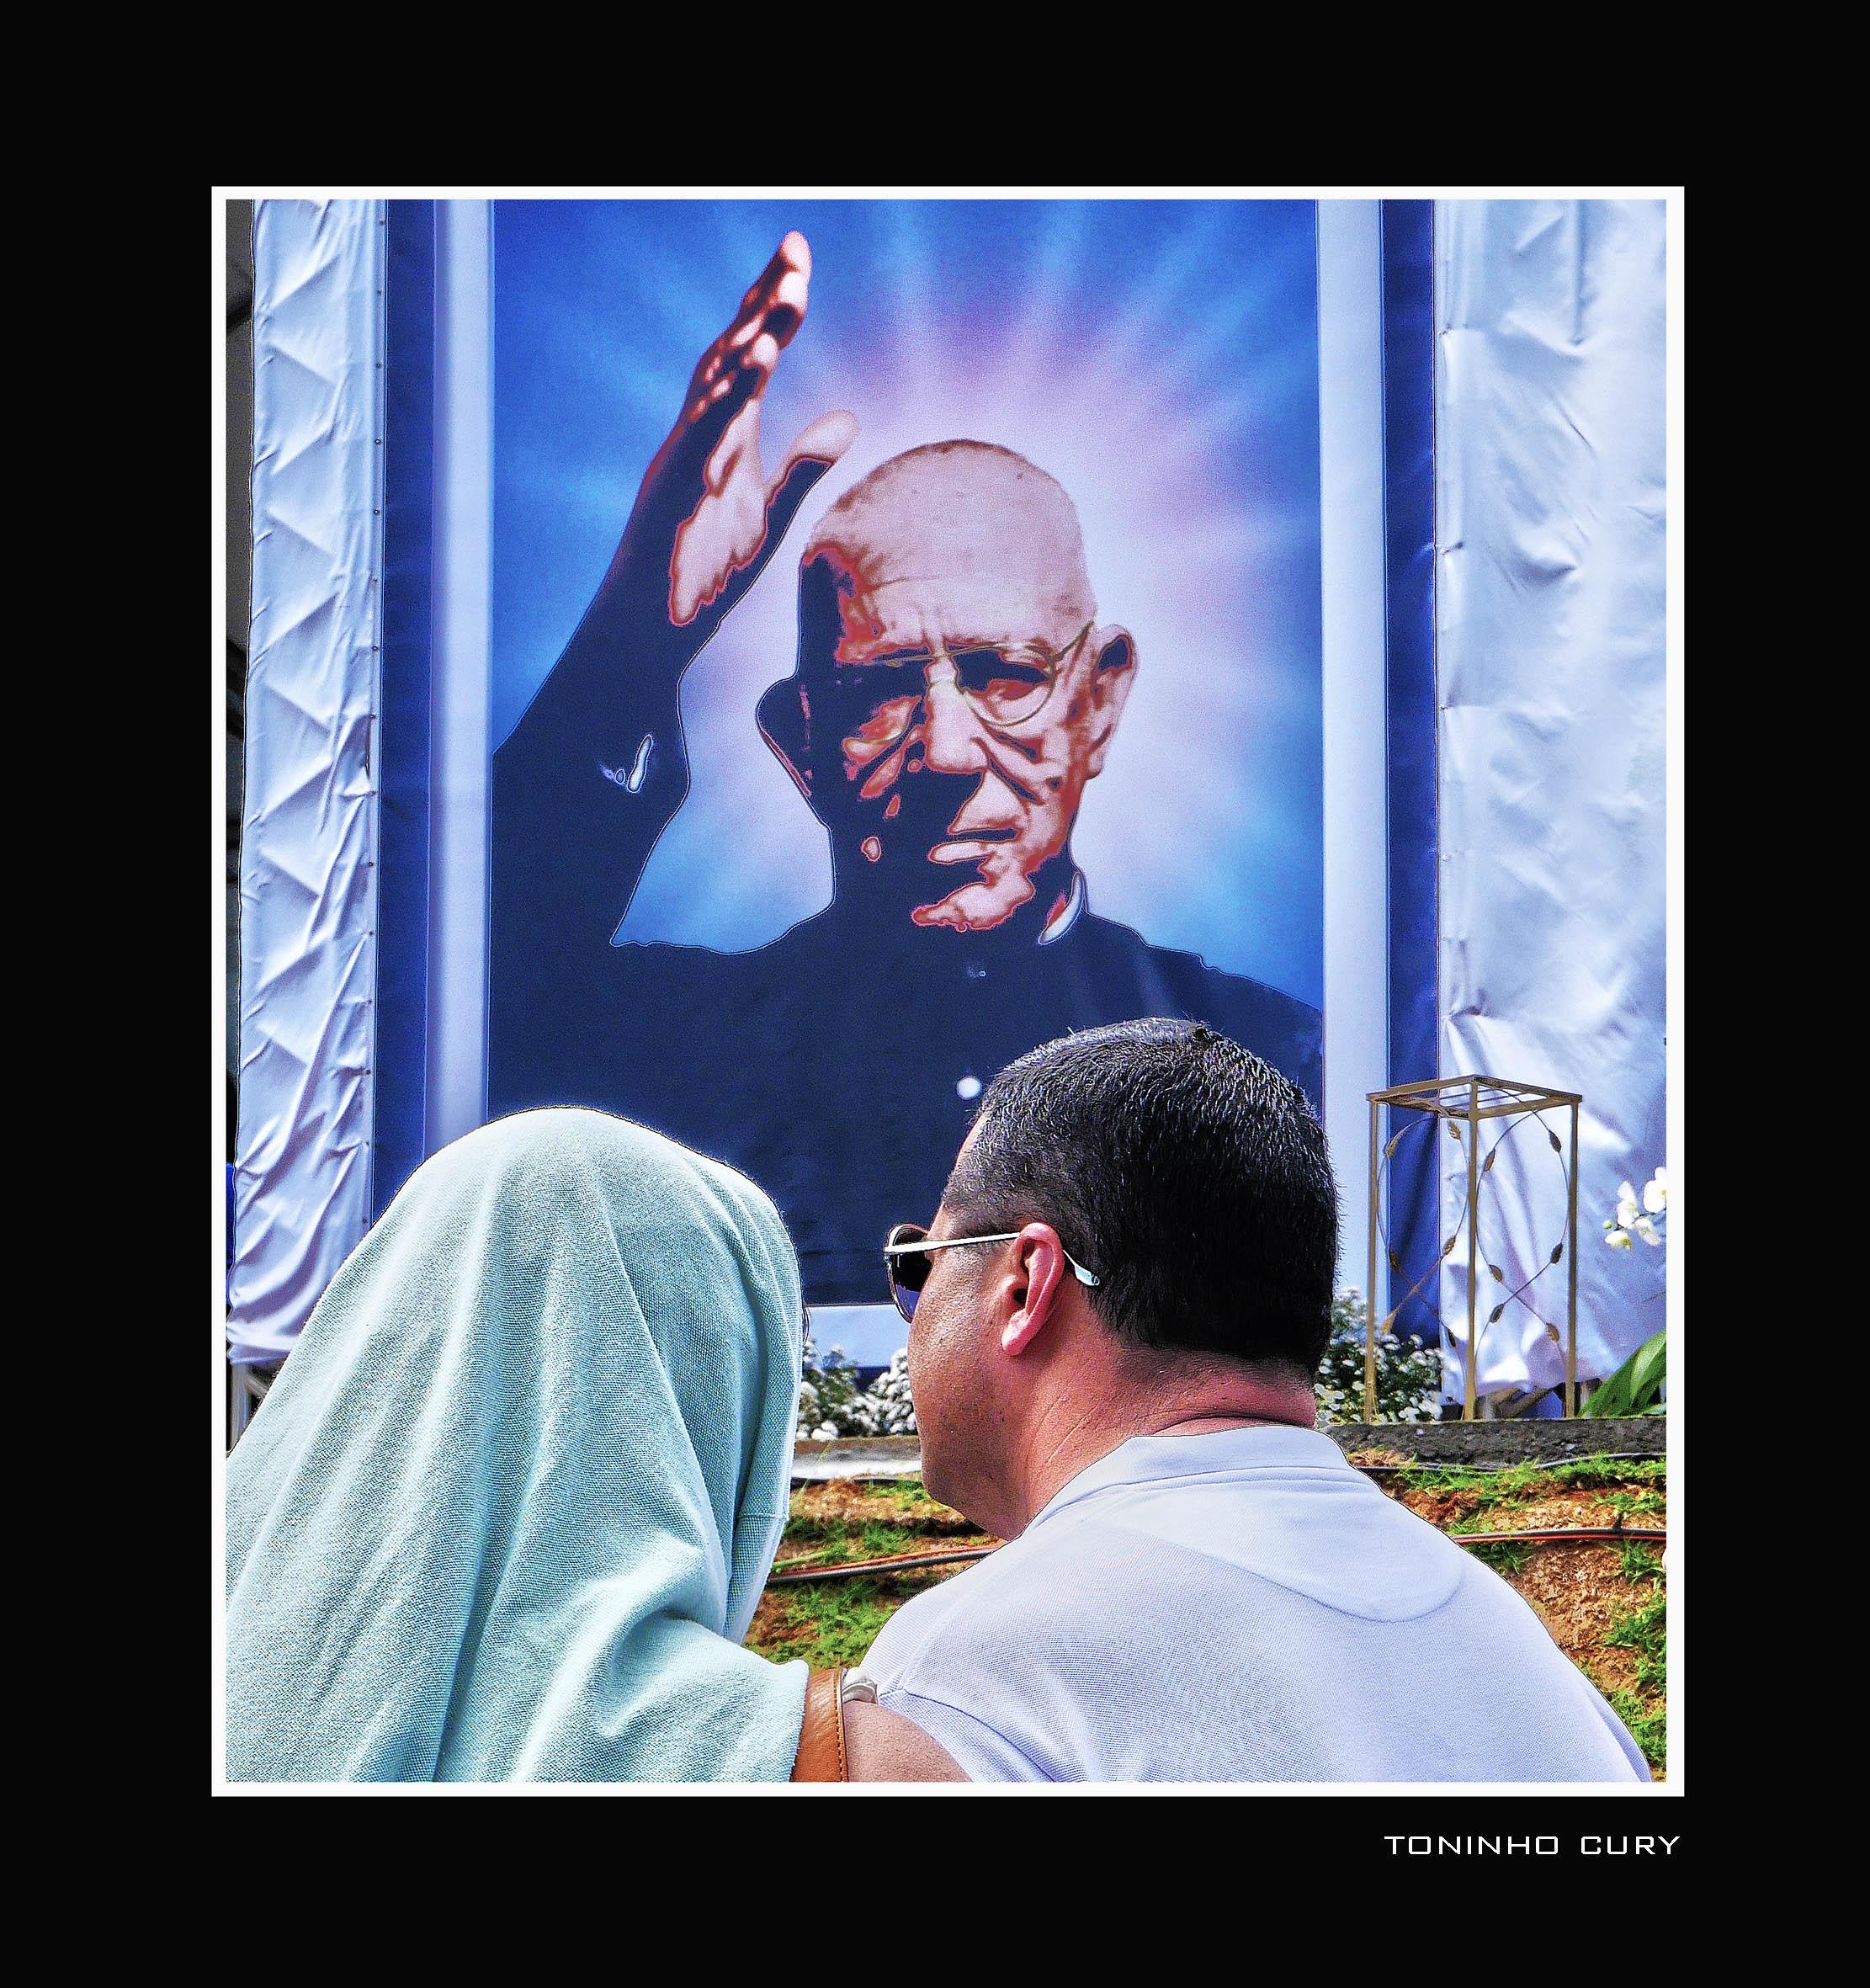 O santo de Tambaú. (Foto: Toninho Cury)